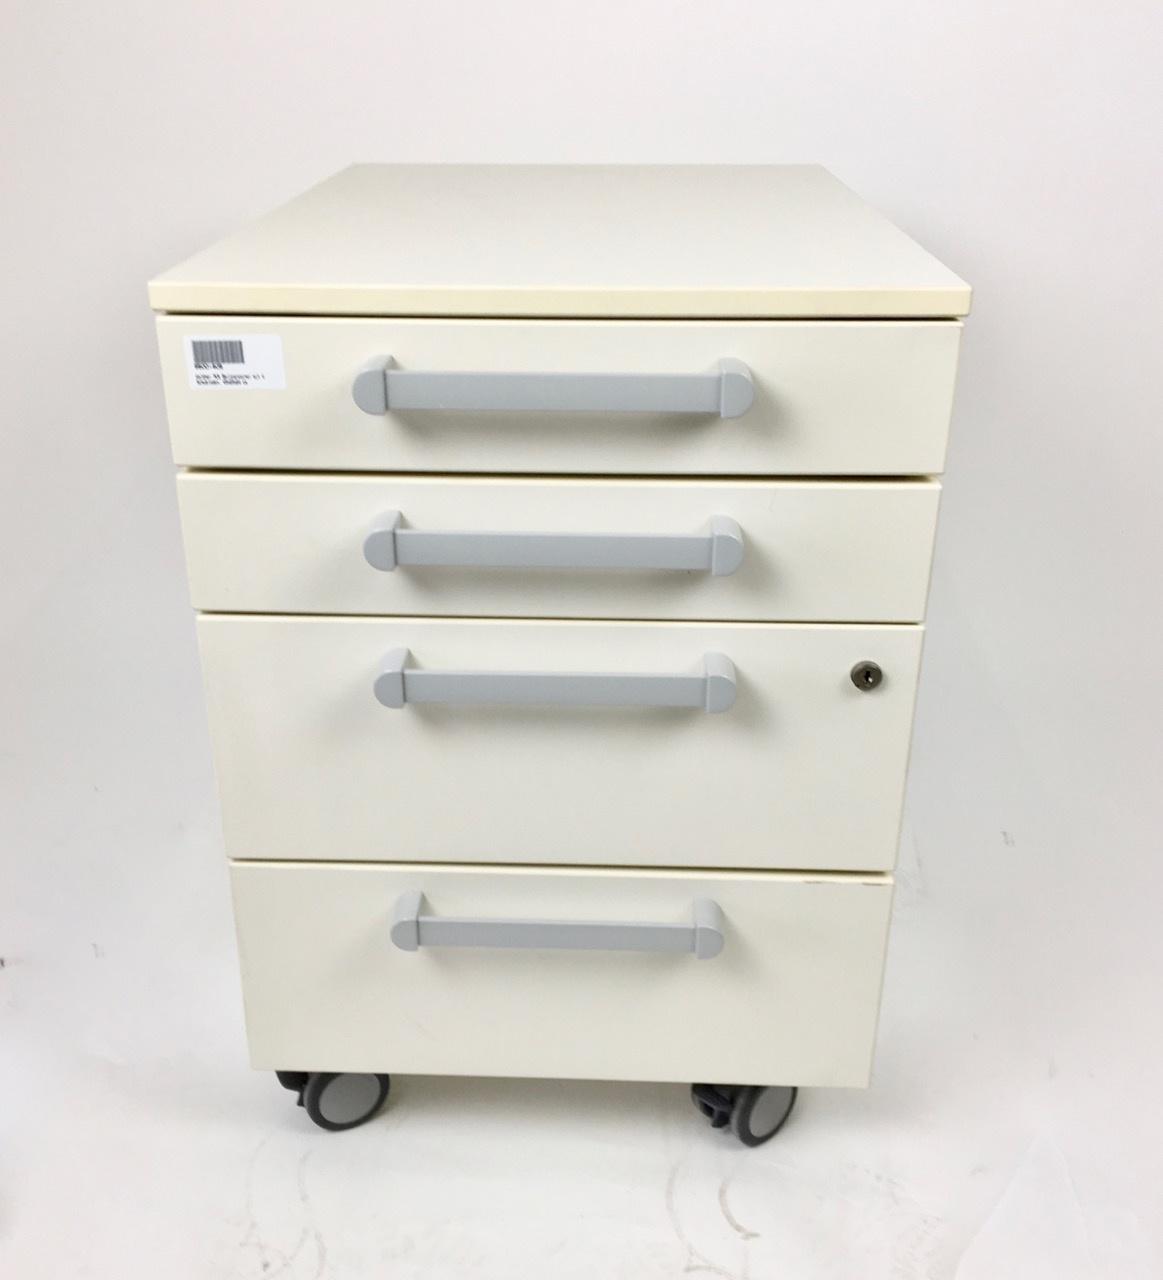 Waldner Waldner MC6 Rollcontainer, 4 drawers, 45 cm breit, 64cm hoch